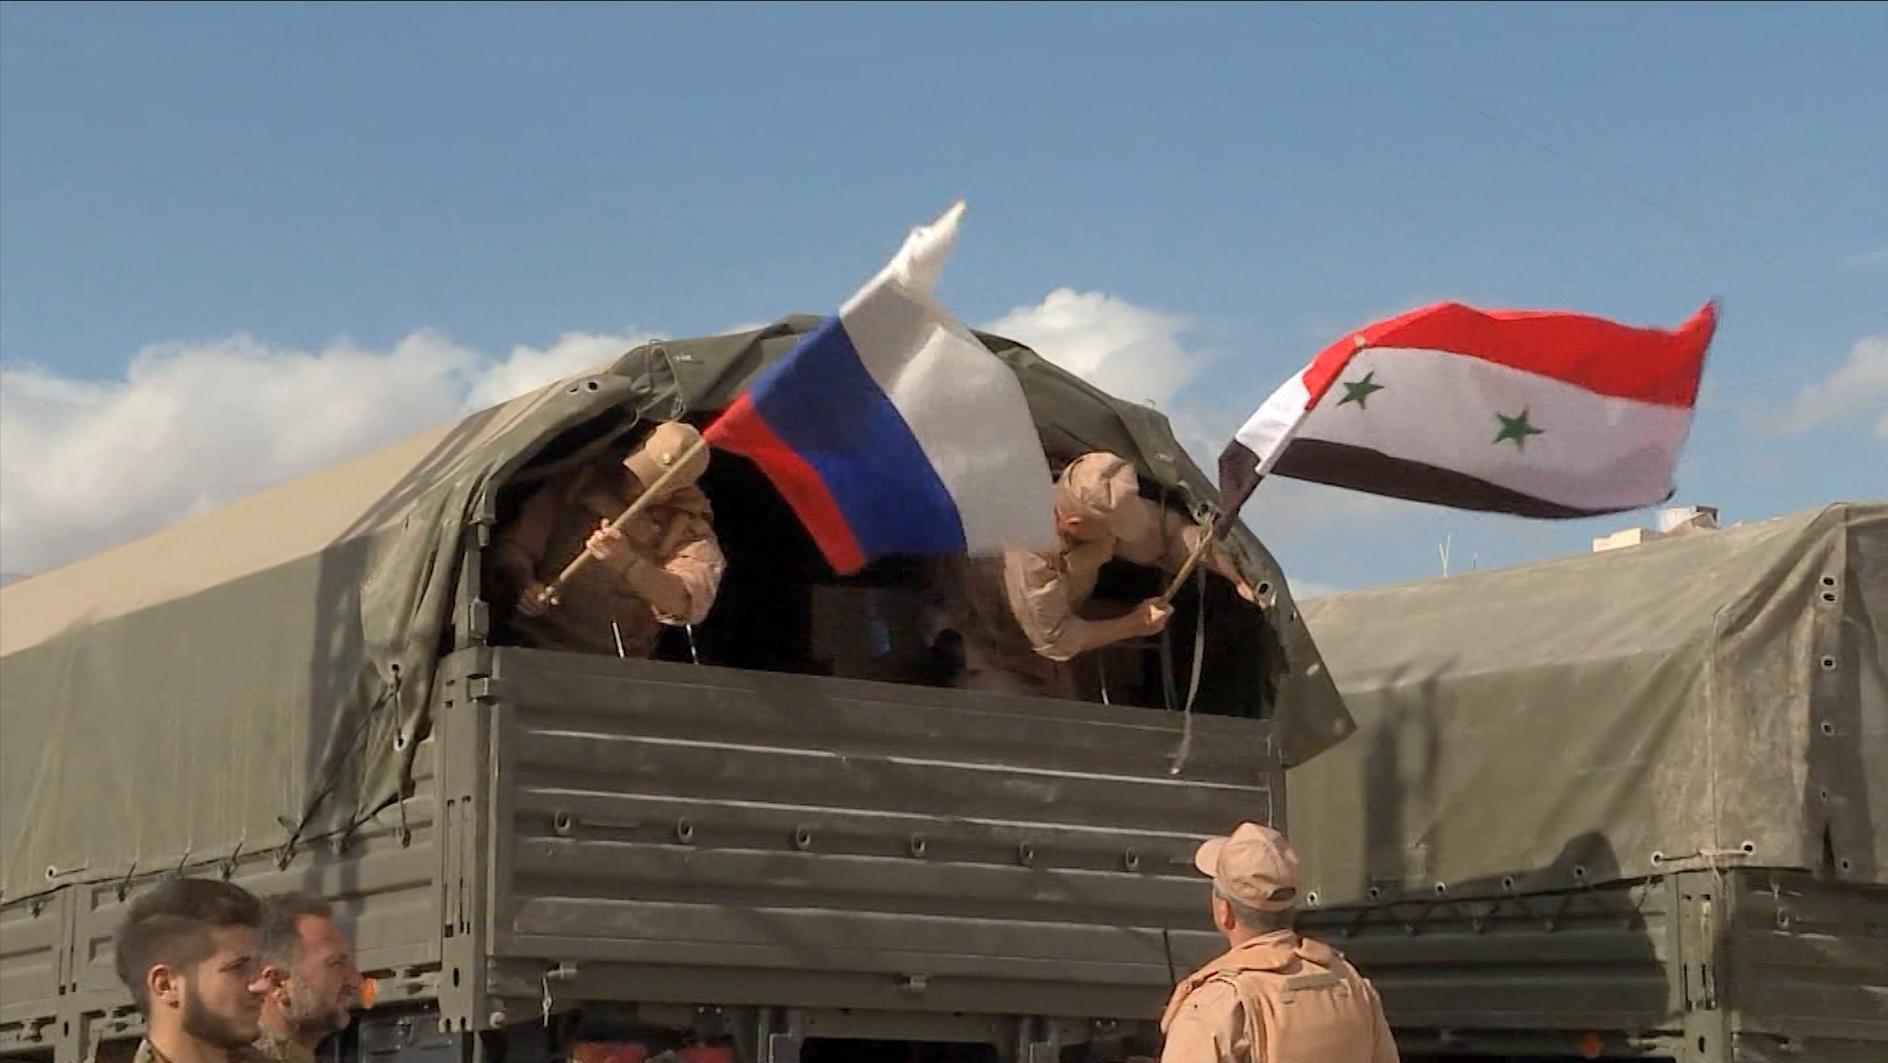 بالفيديو: عدسة CNN تنقل انطلاق الطائرات الروسية من قاعدة حميميم السورية